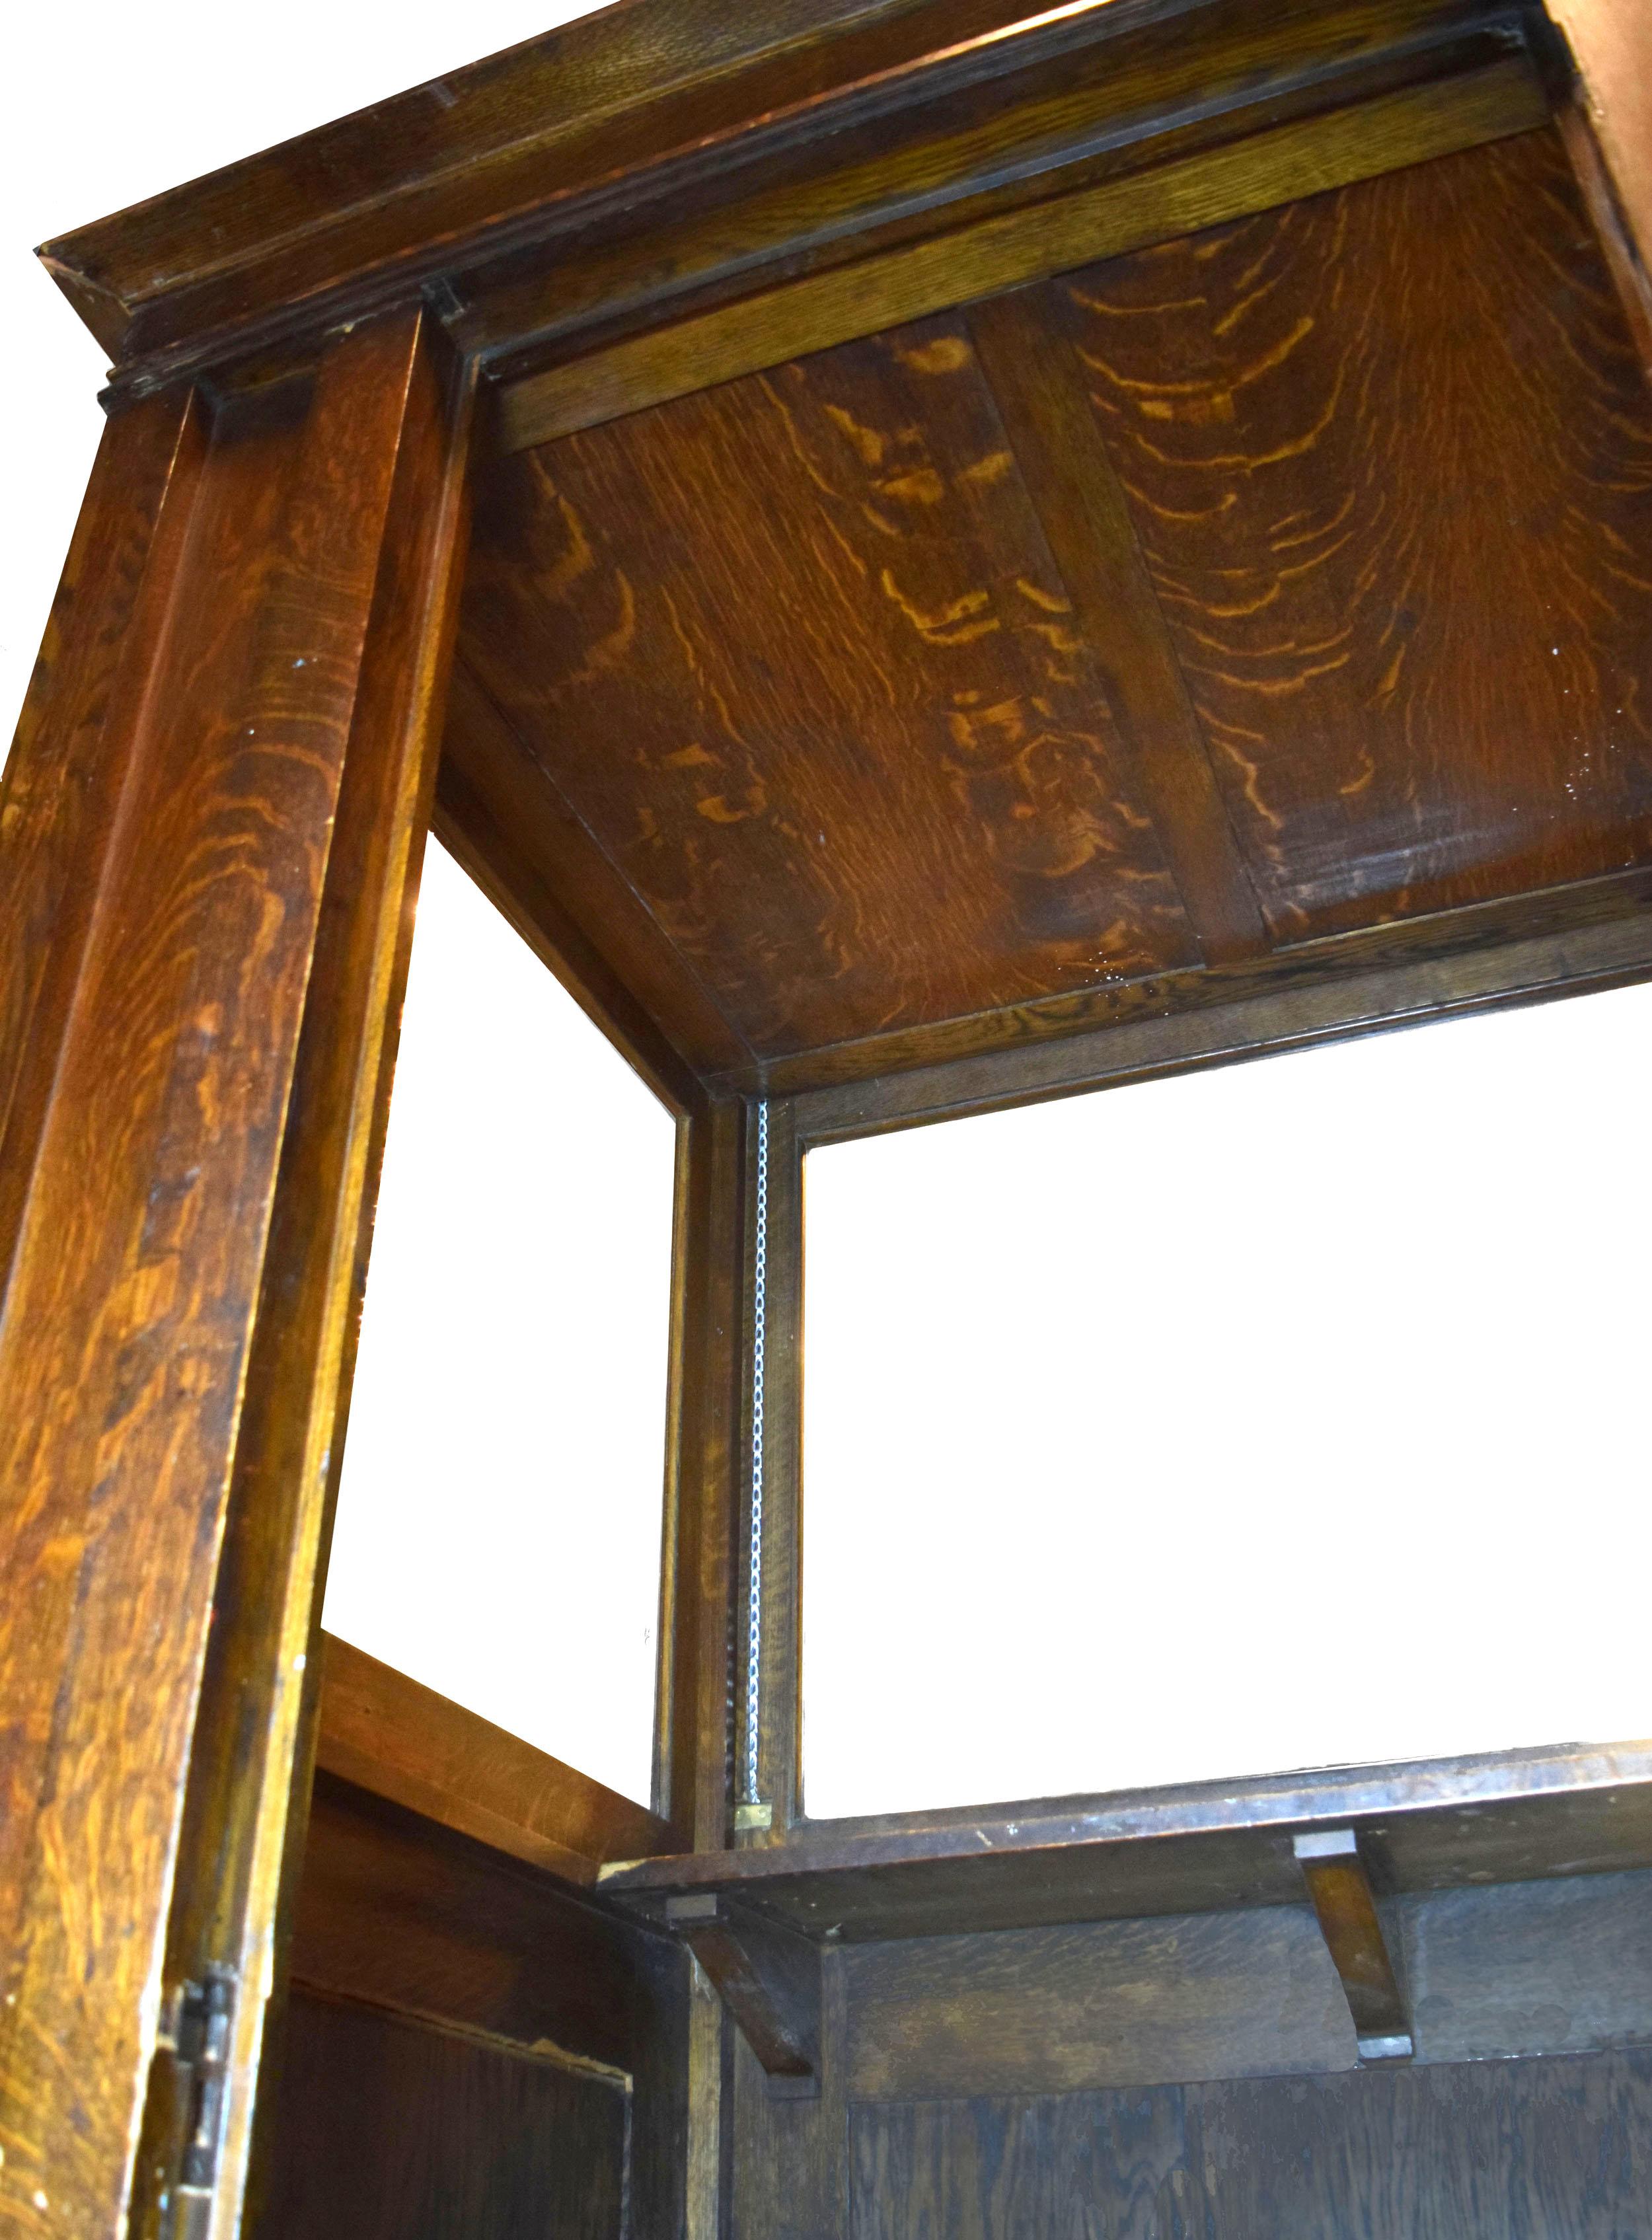 48050-ticket-booth-interior-corner.jpg